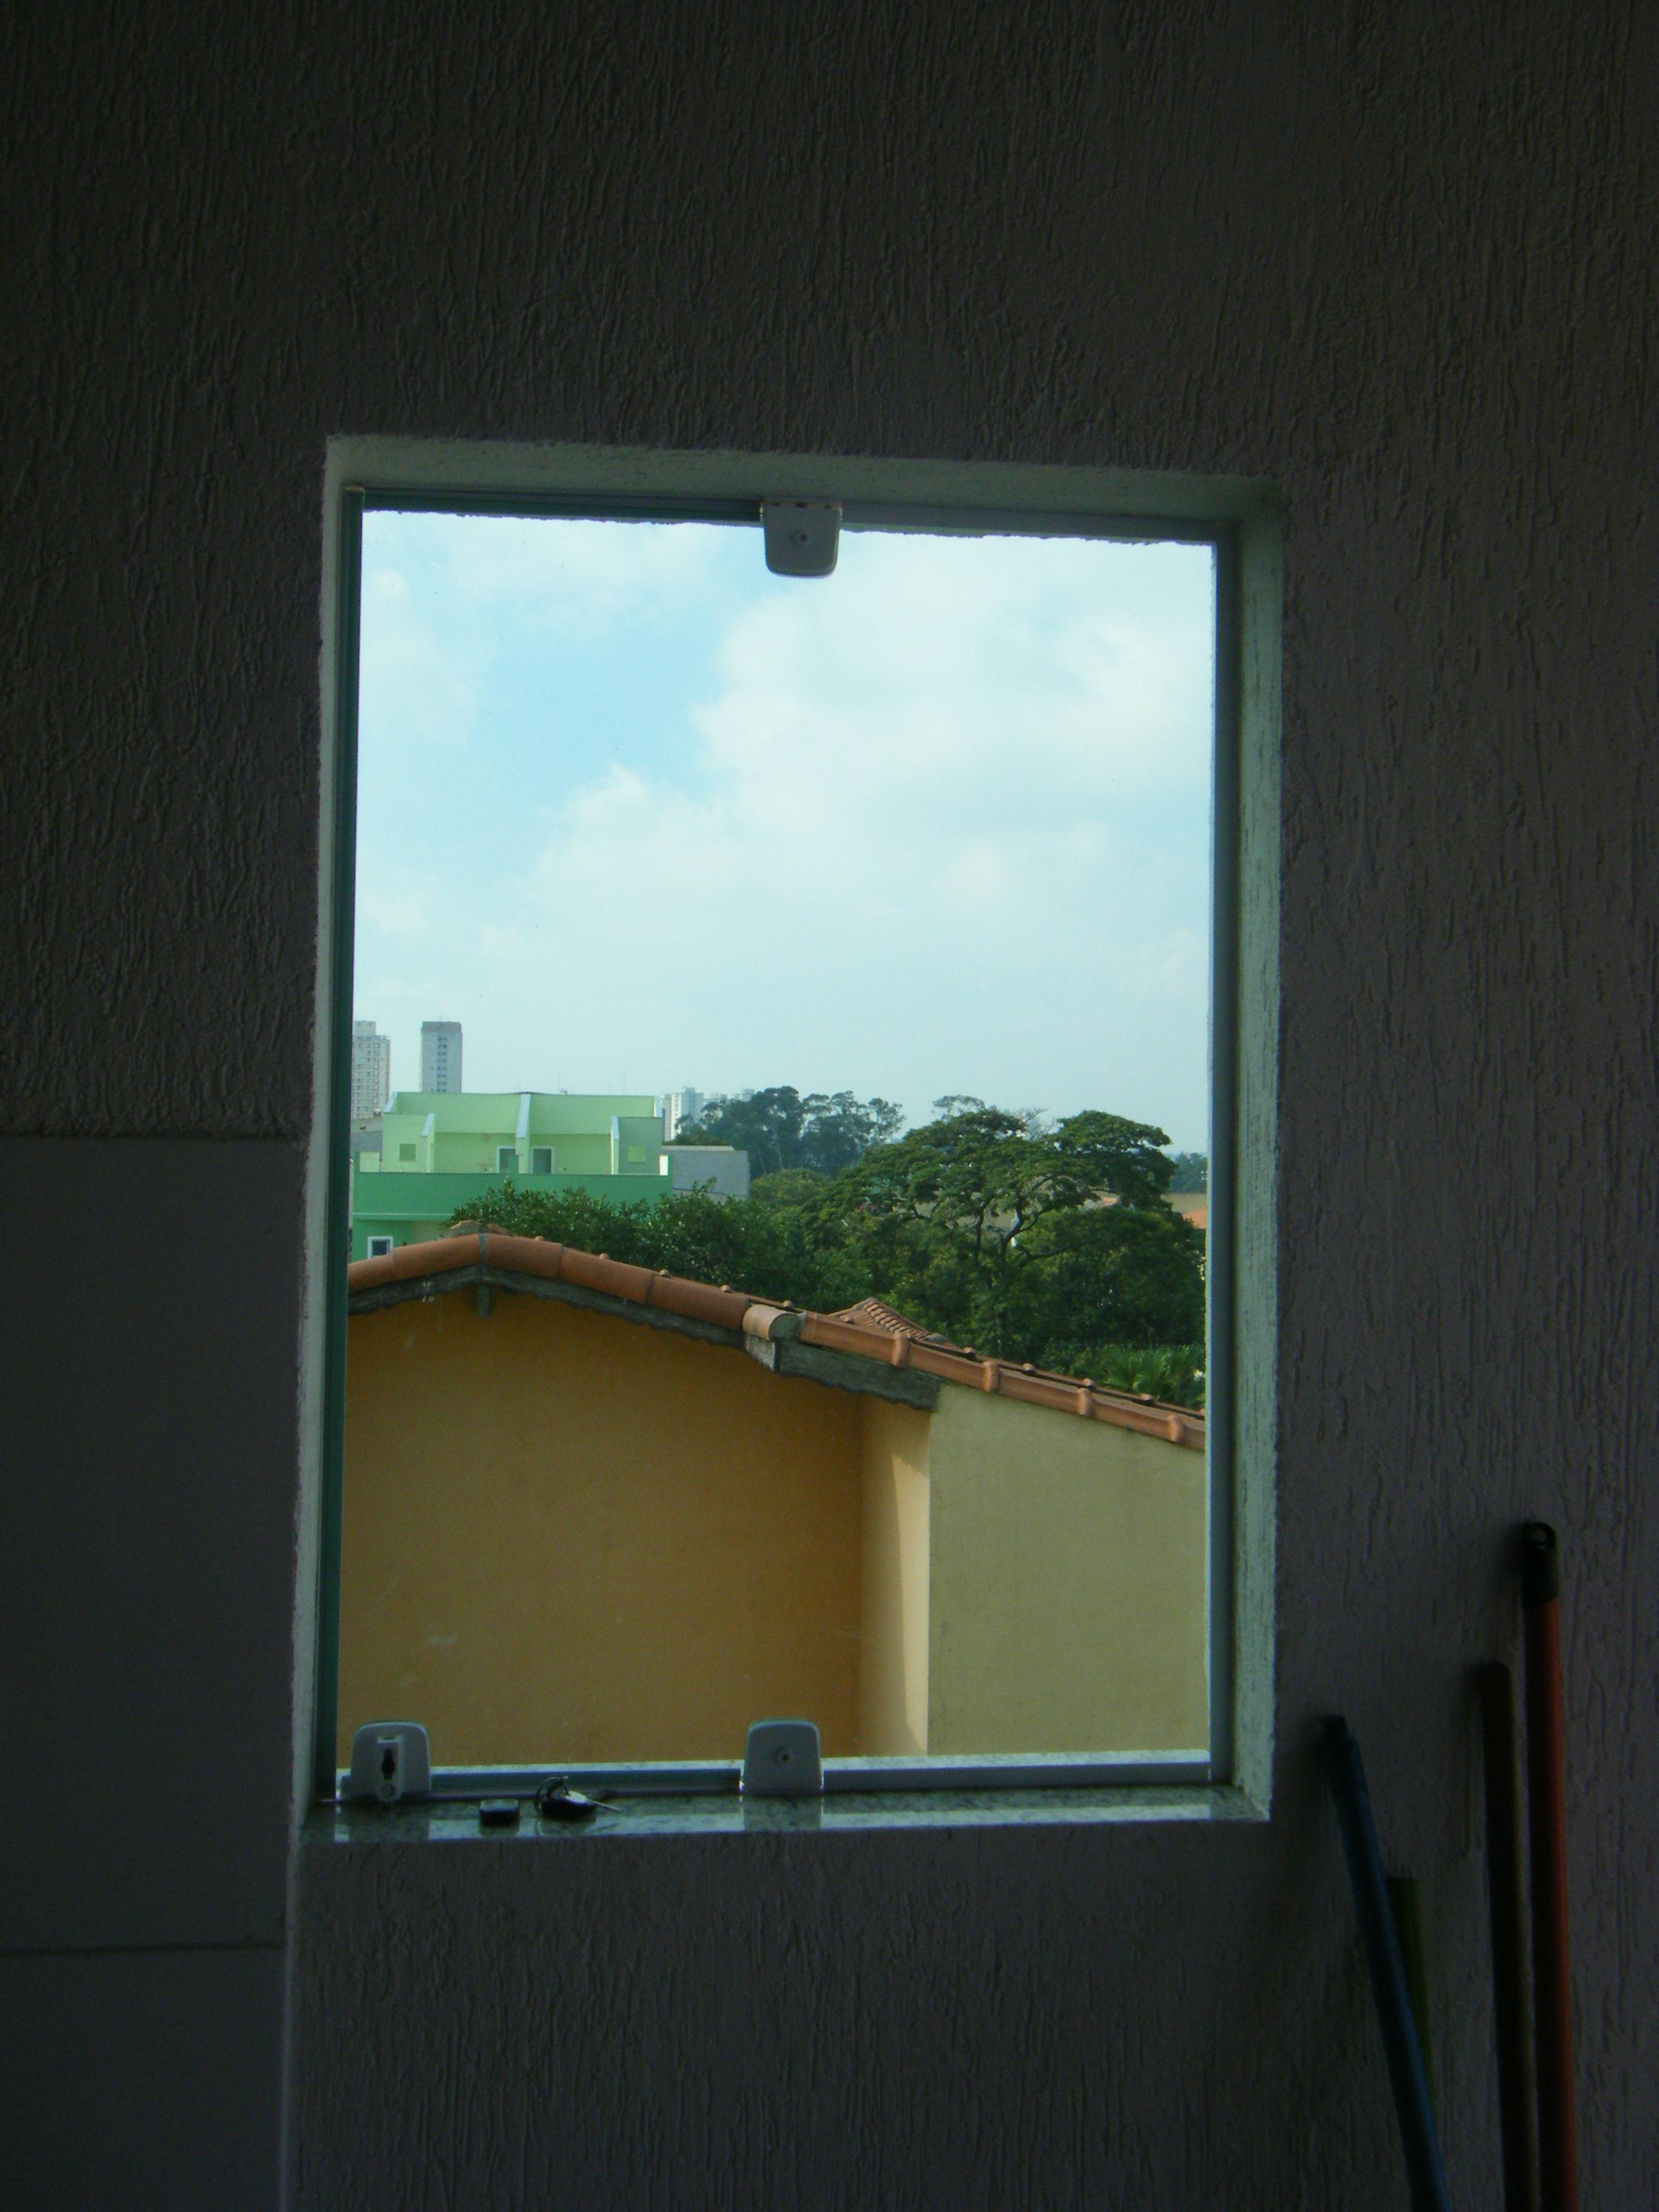 #388E93 16 de fevereiro de 2012 quinta janela pivotante janela em vidro verde  100 Janelas De Vidro Em Hortolandia